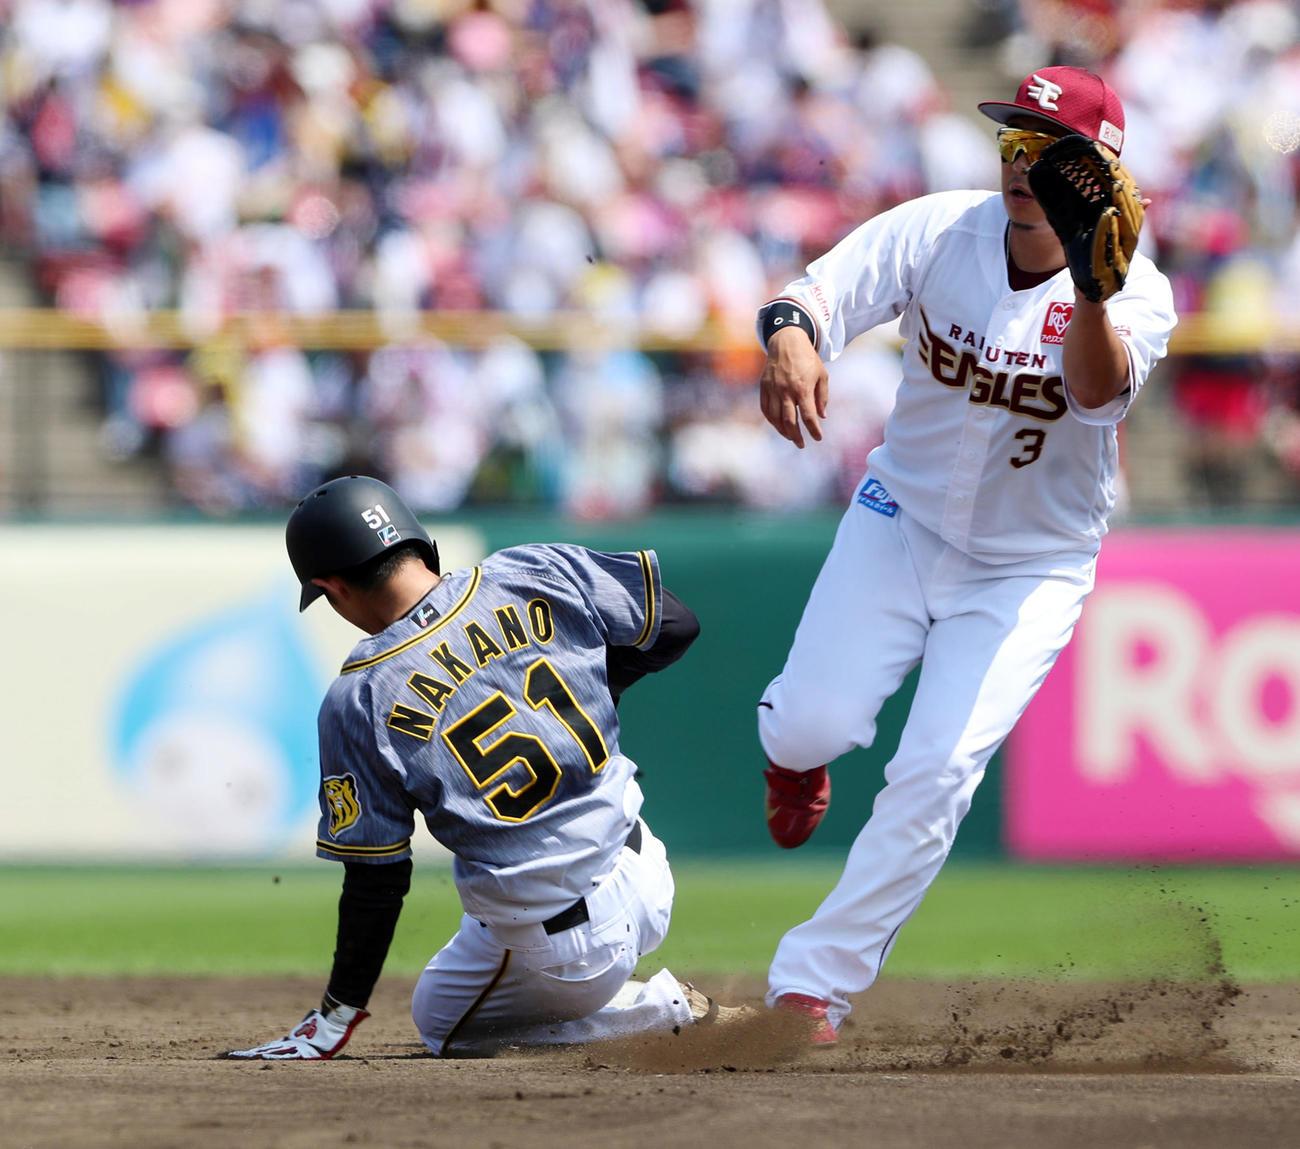 楽天対阪神 3回表阪神2死一塁、一塁走者中野は二塁盗塁を決める。野手は浅村(撮影・加藤哉)